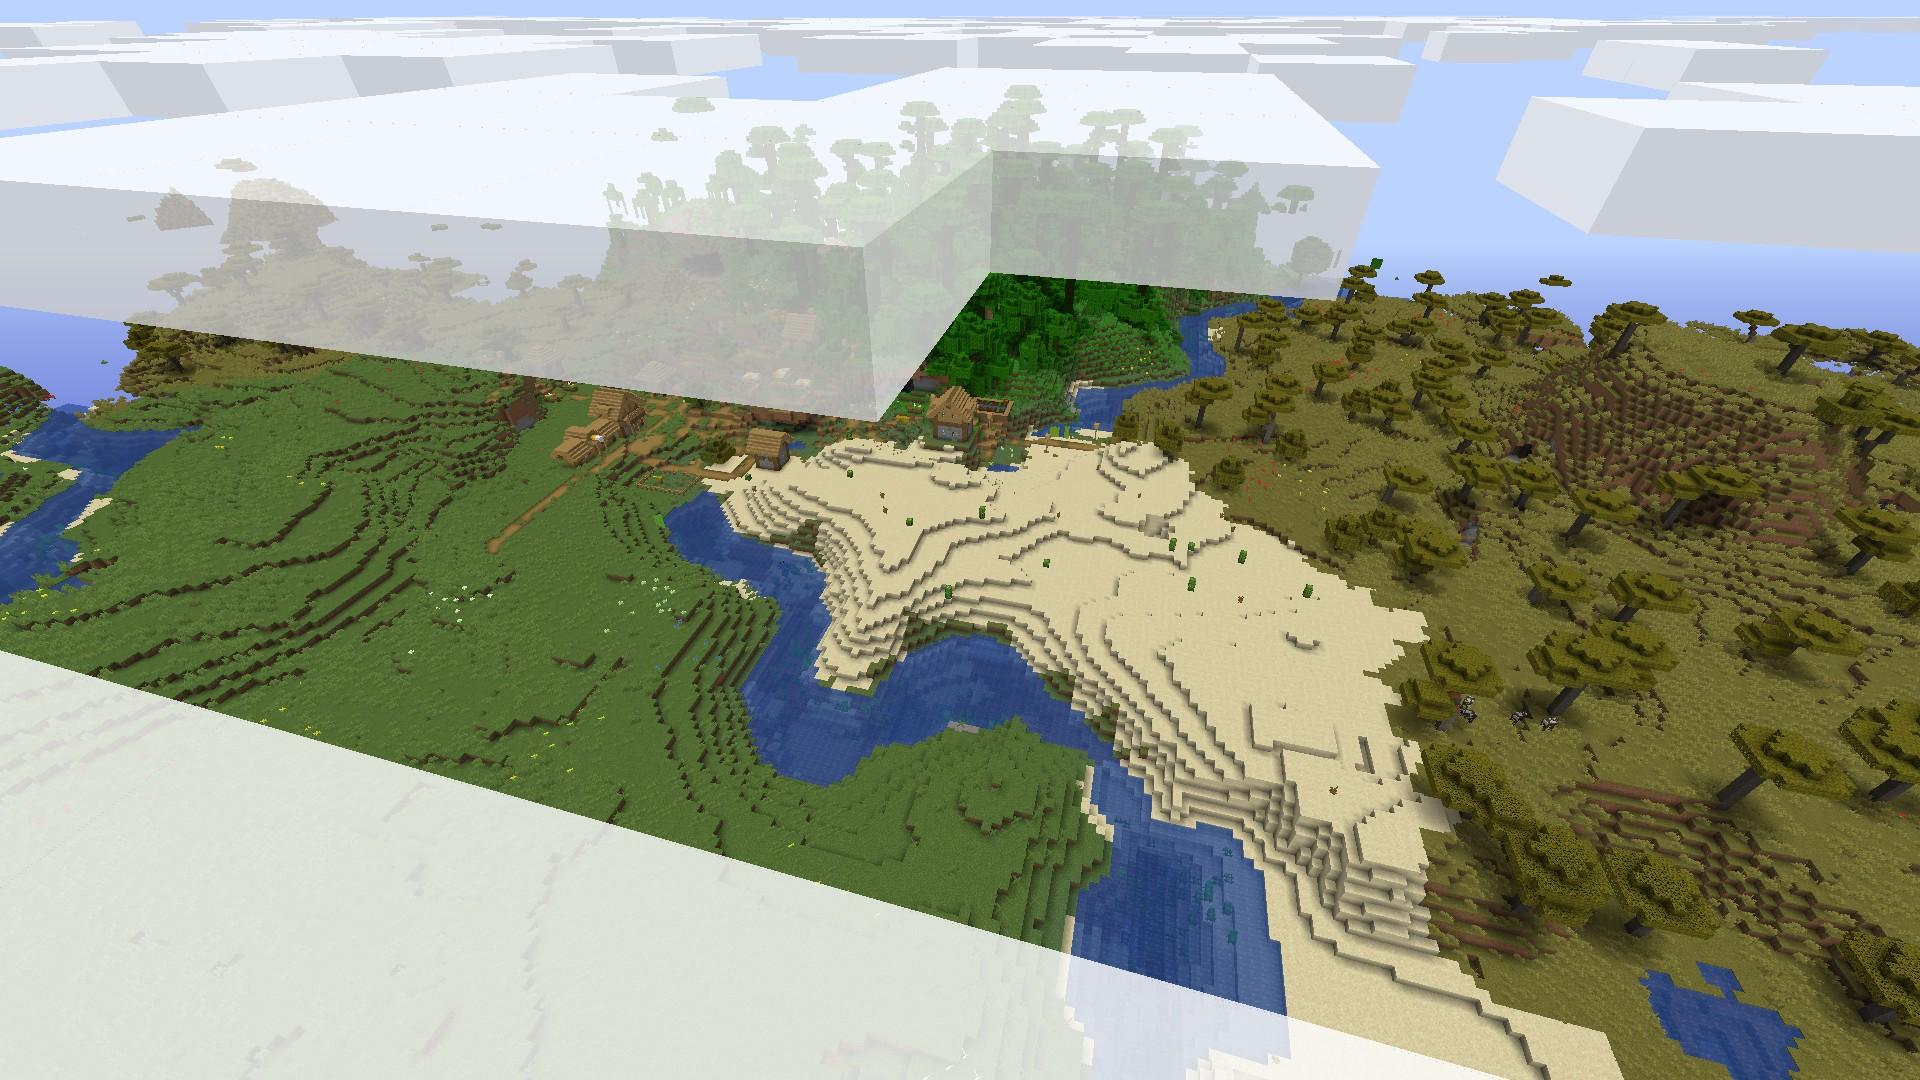 Сид на деревню и бамбуковый лес - скриншот 11